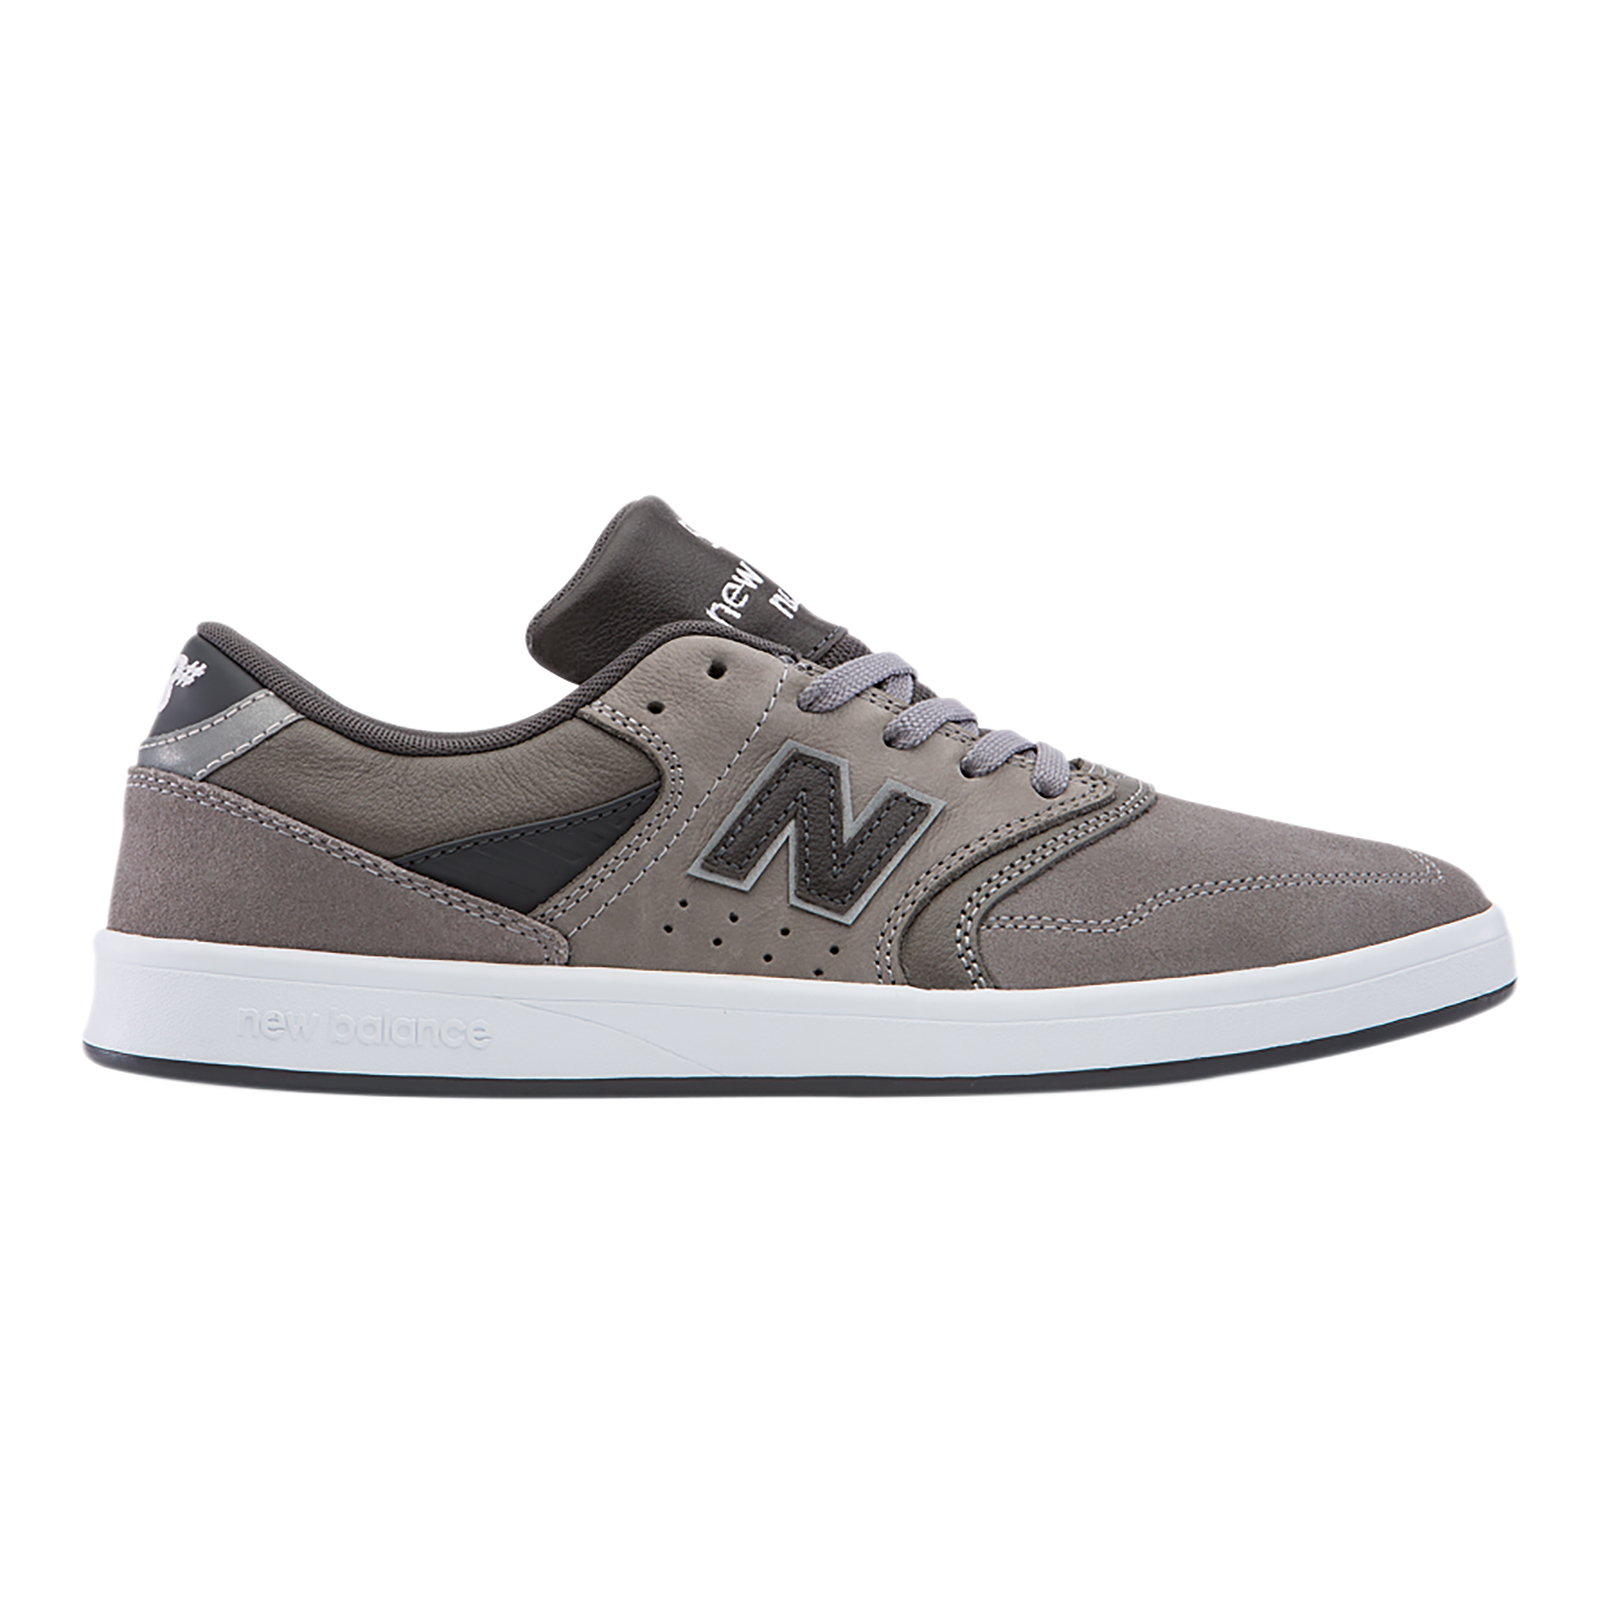 New Balance Chaussure Numérico Skateboarding Gris Ante / Leather D Gris Gris